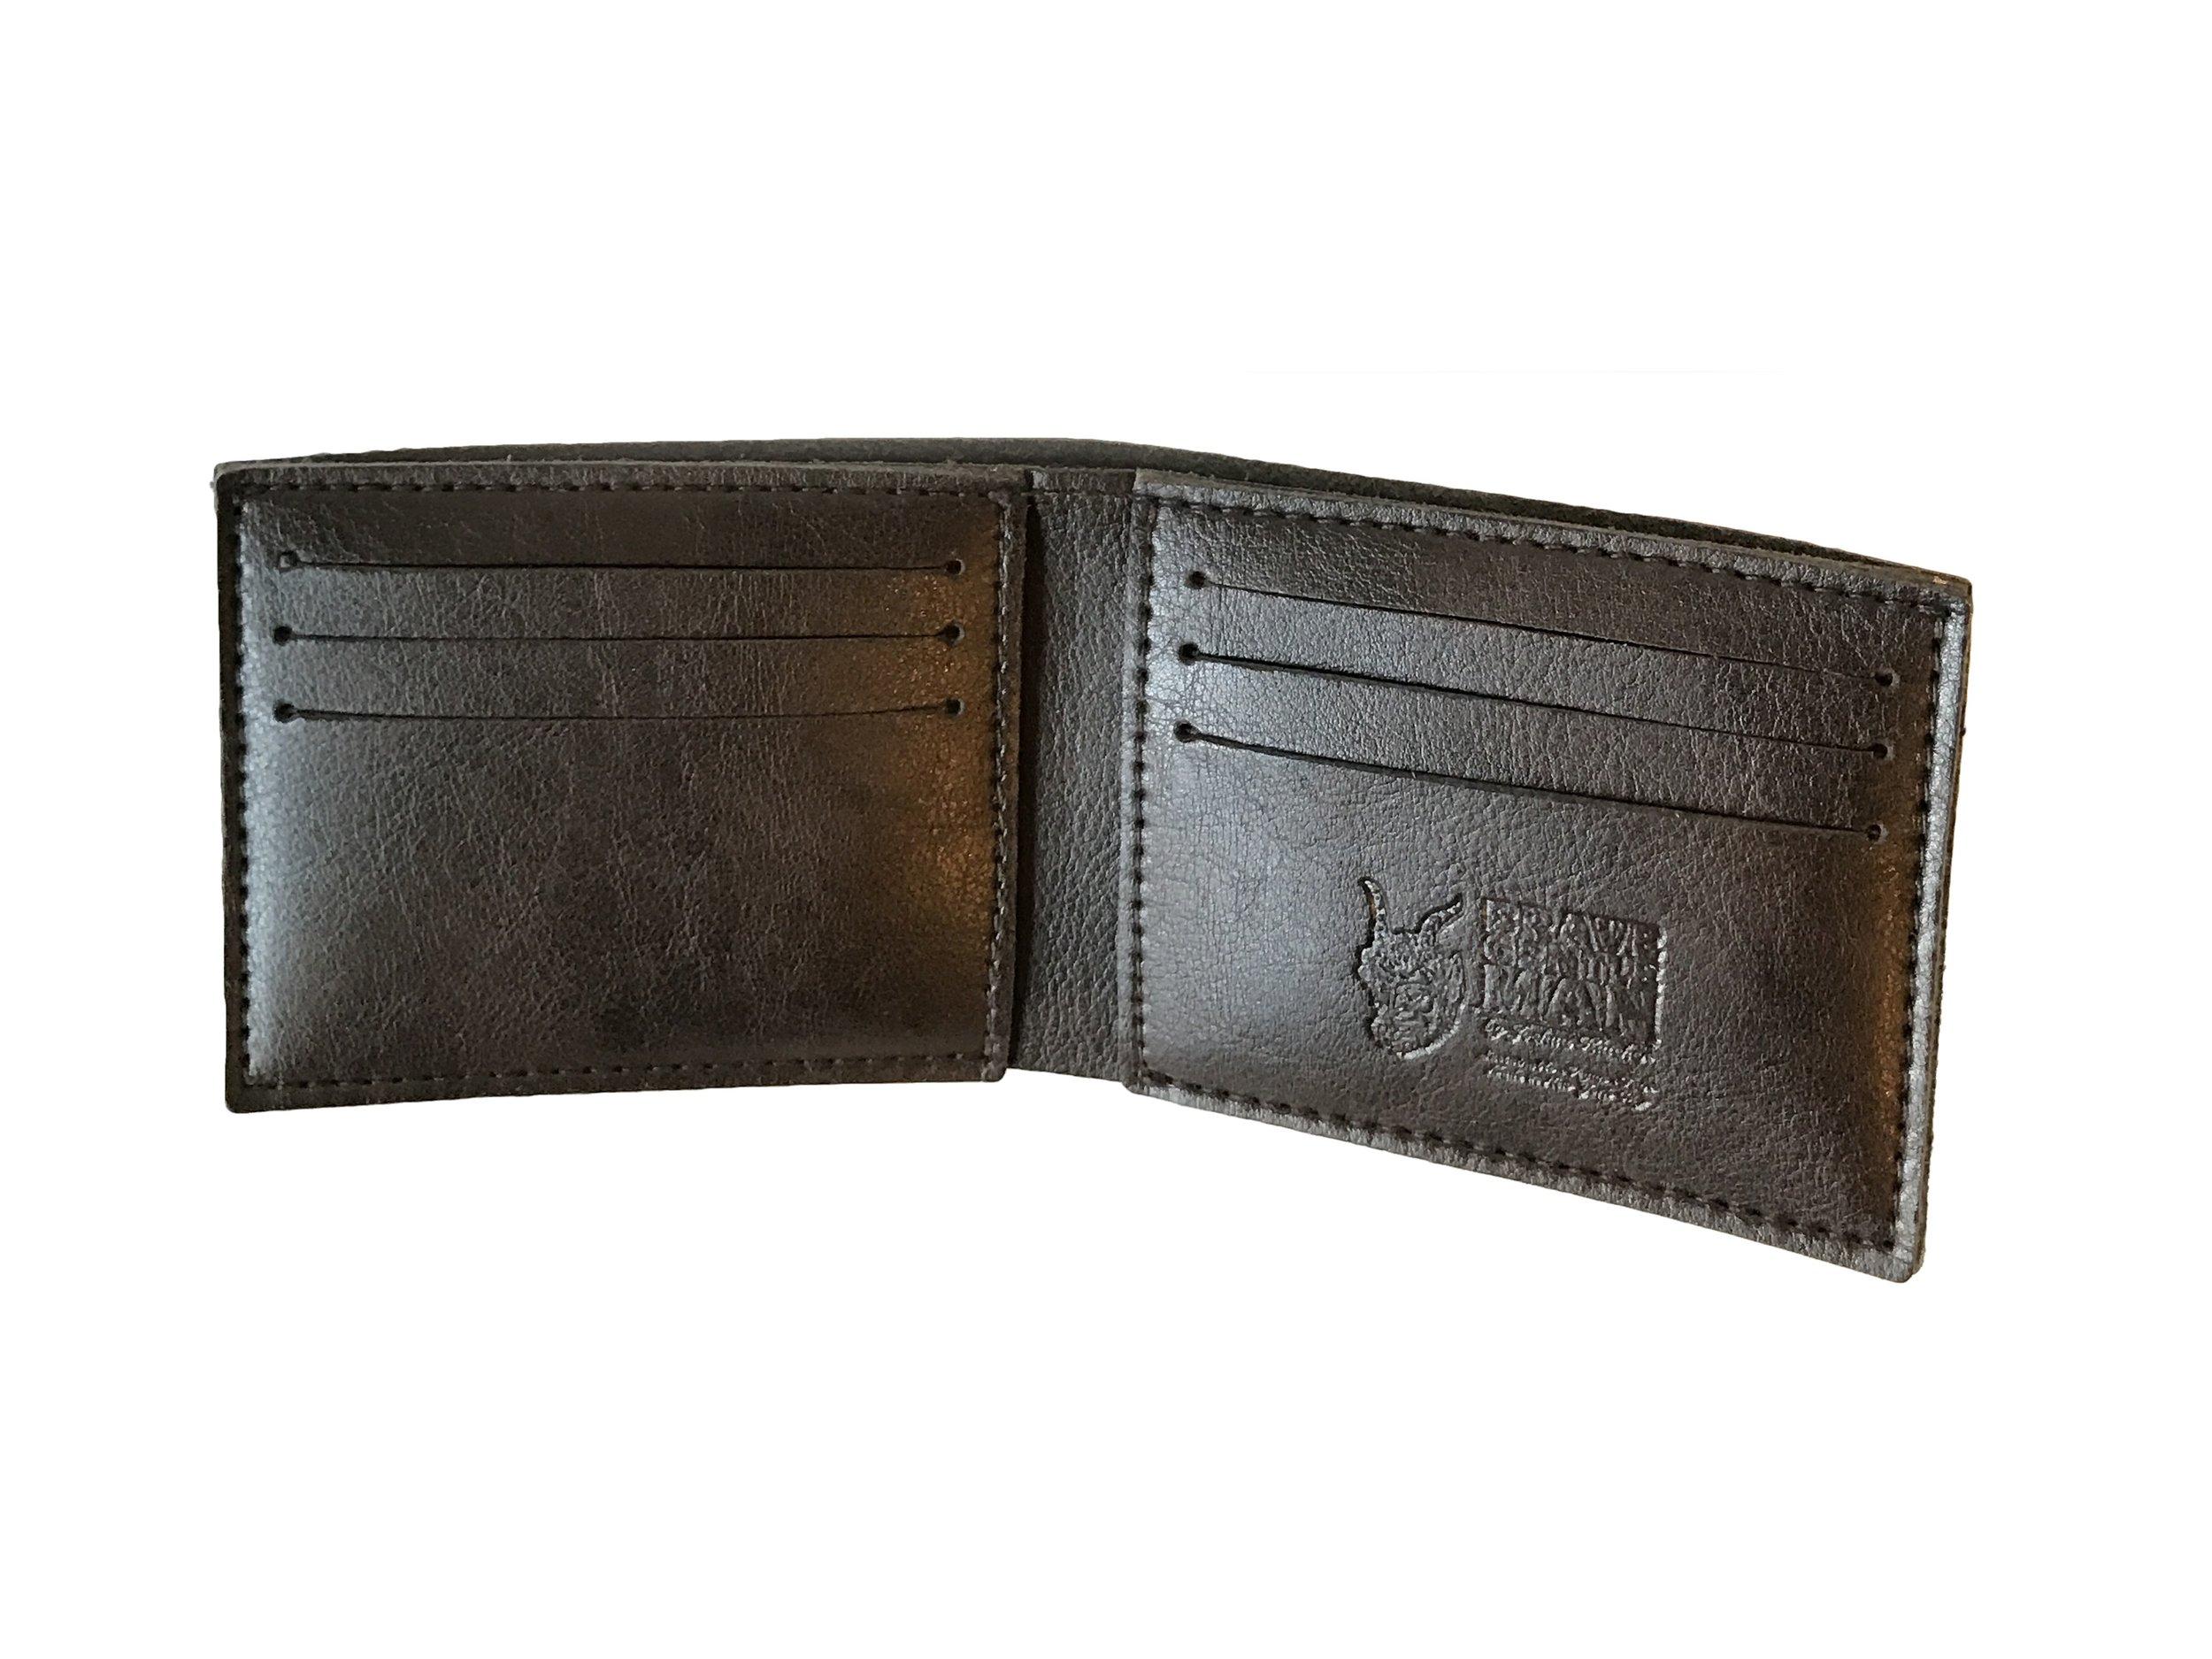 Brave GentleMAn - Handcut wallet in dark brown, Italian vegan leather.